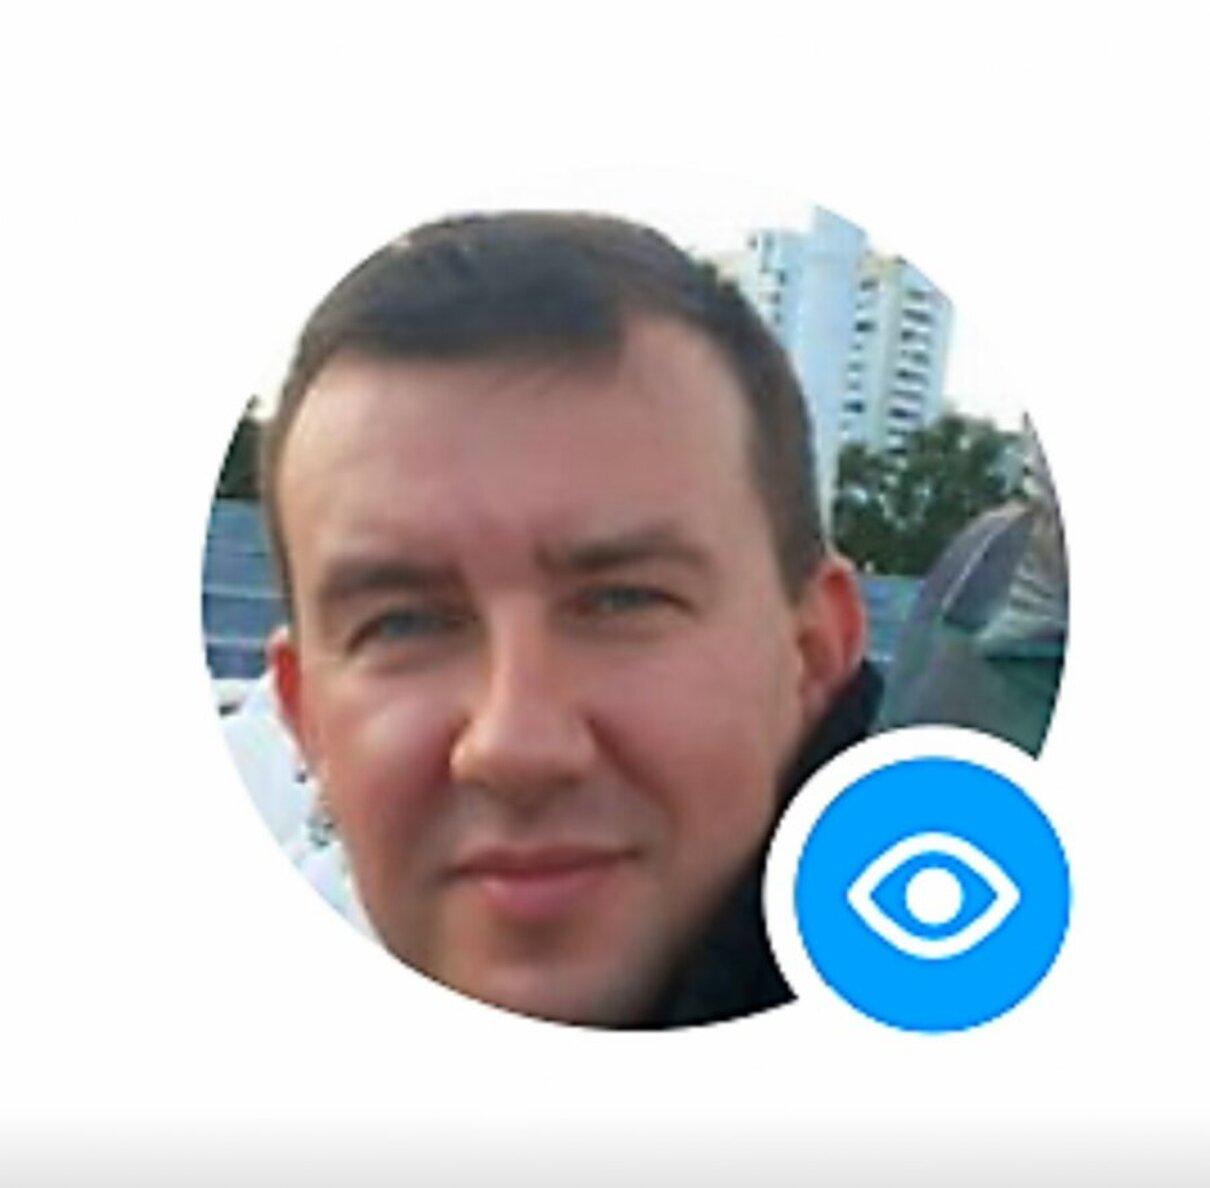 Жалоба-отзыв: Евгений мирошников - Интернет мошенничества